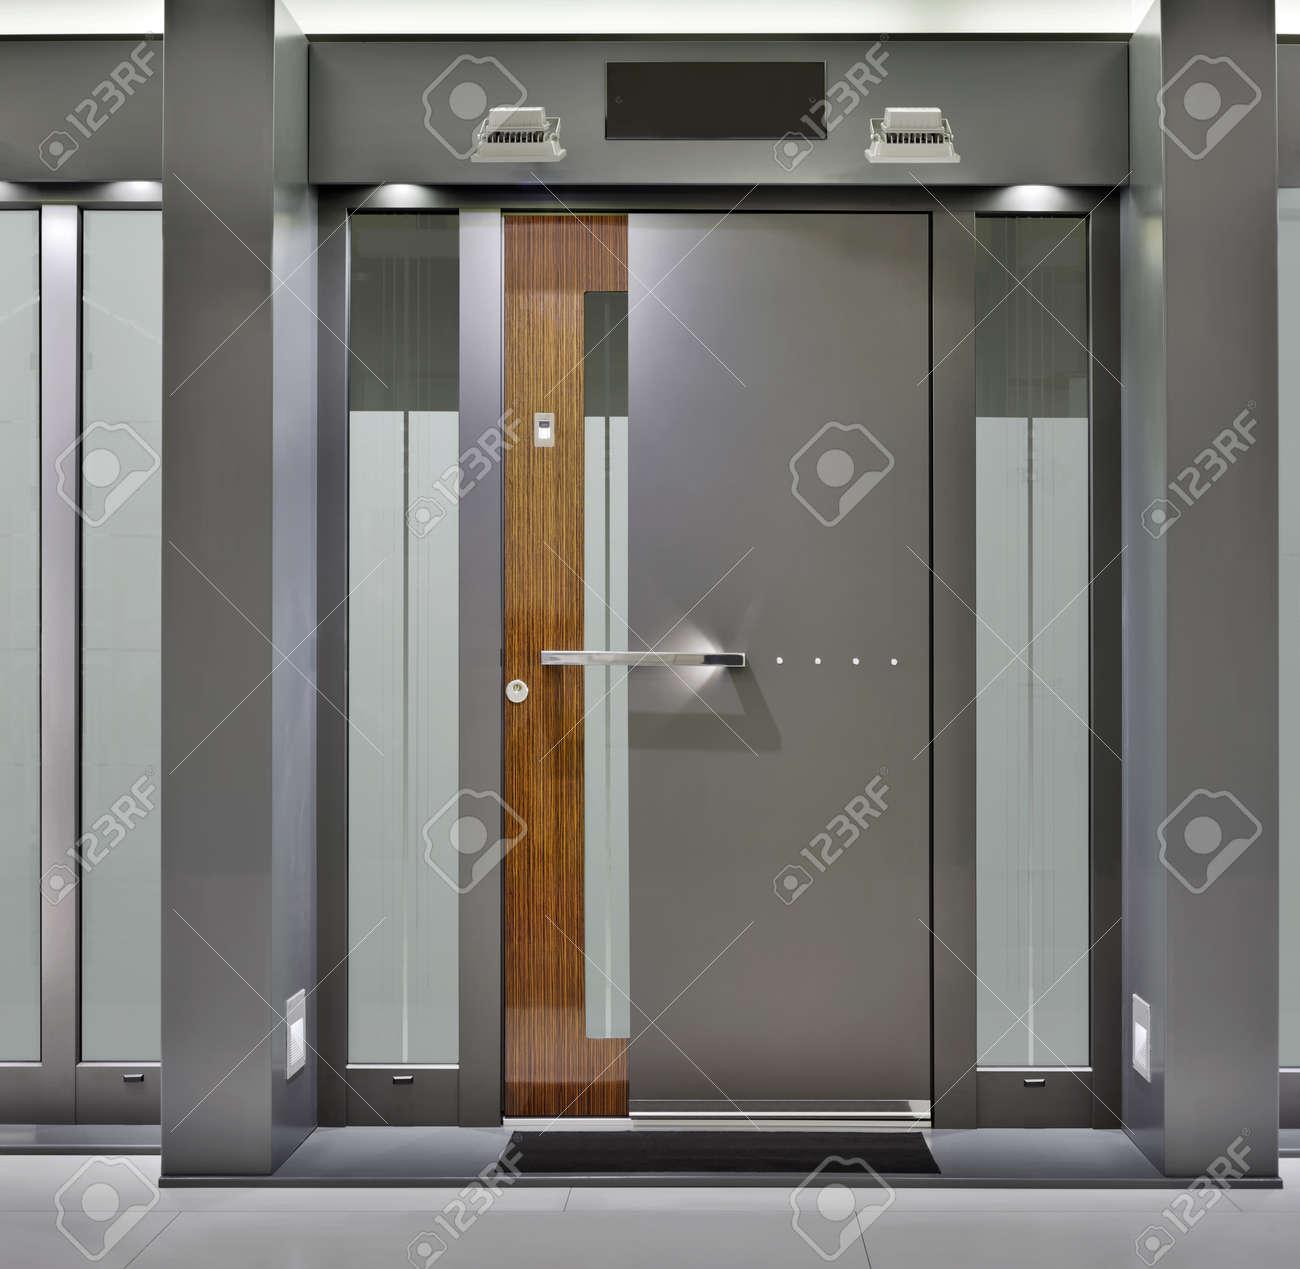 Massive Metallic Fireproof Front Door Standard-Bild - 13564187